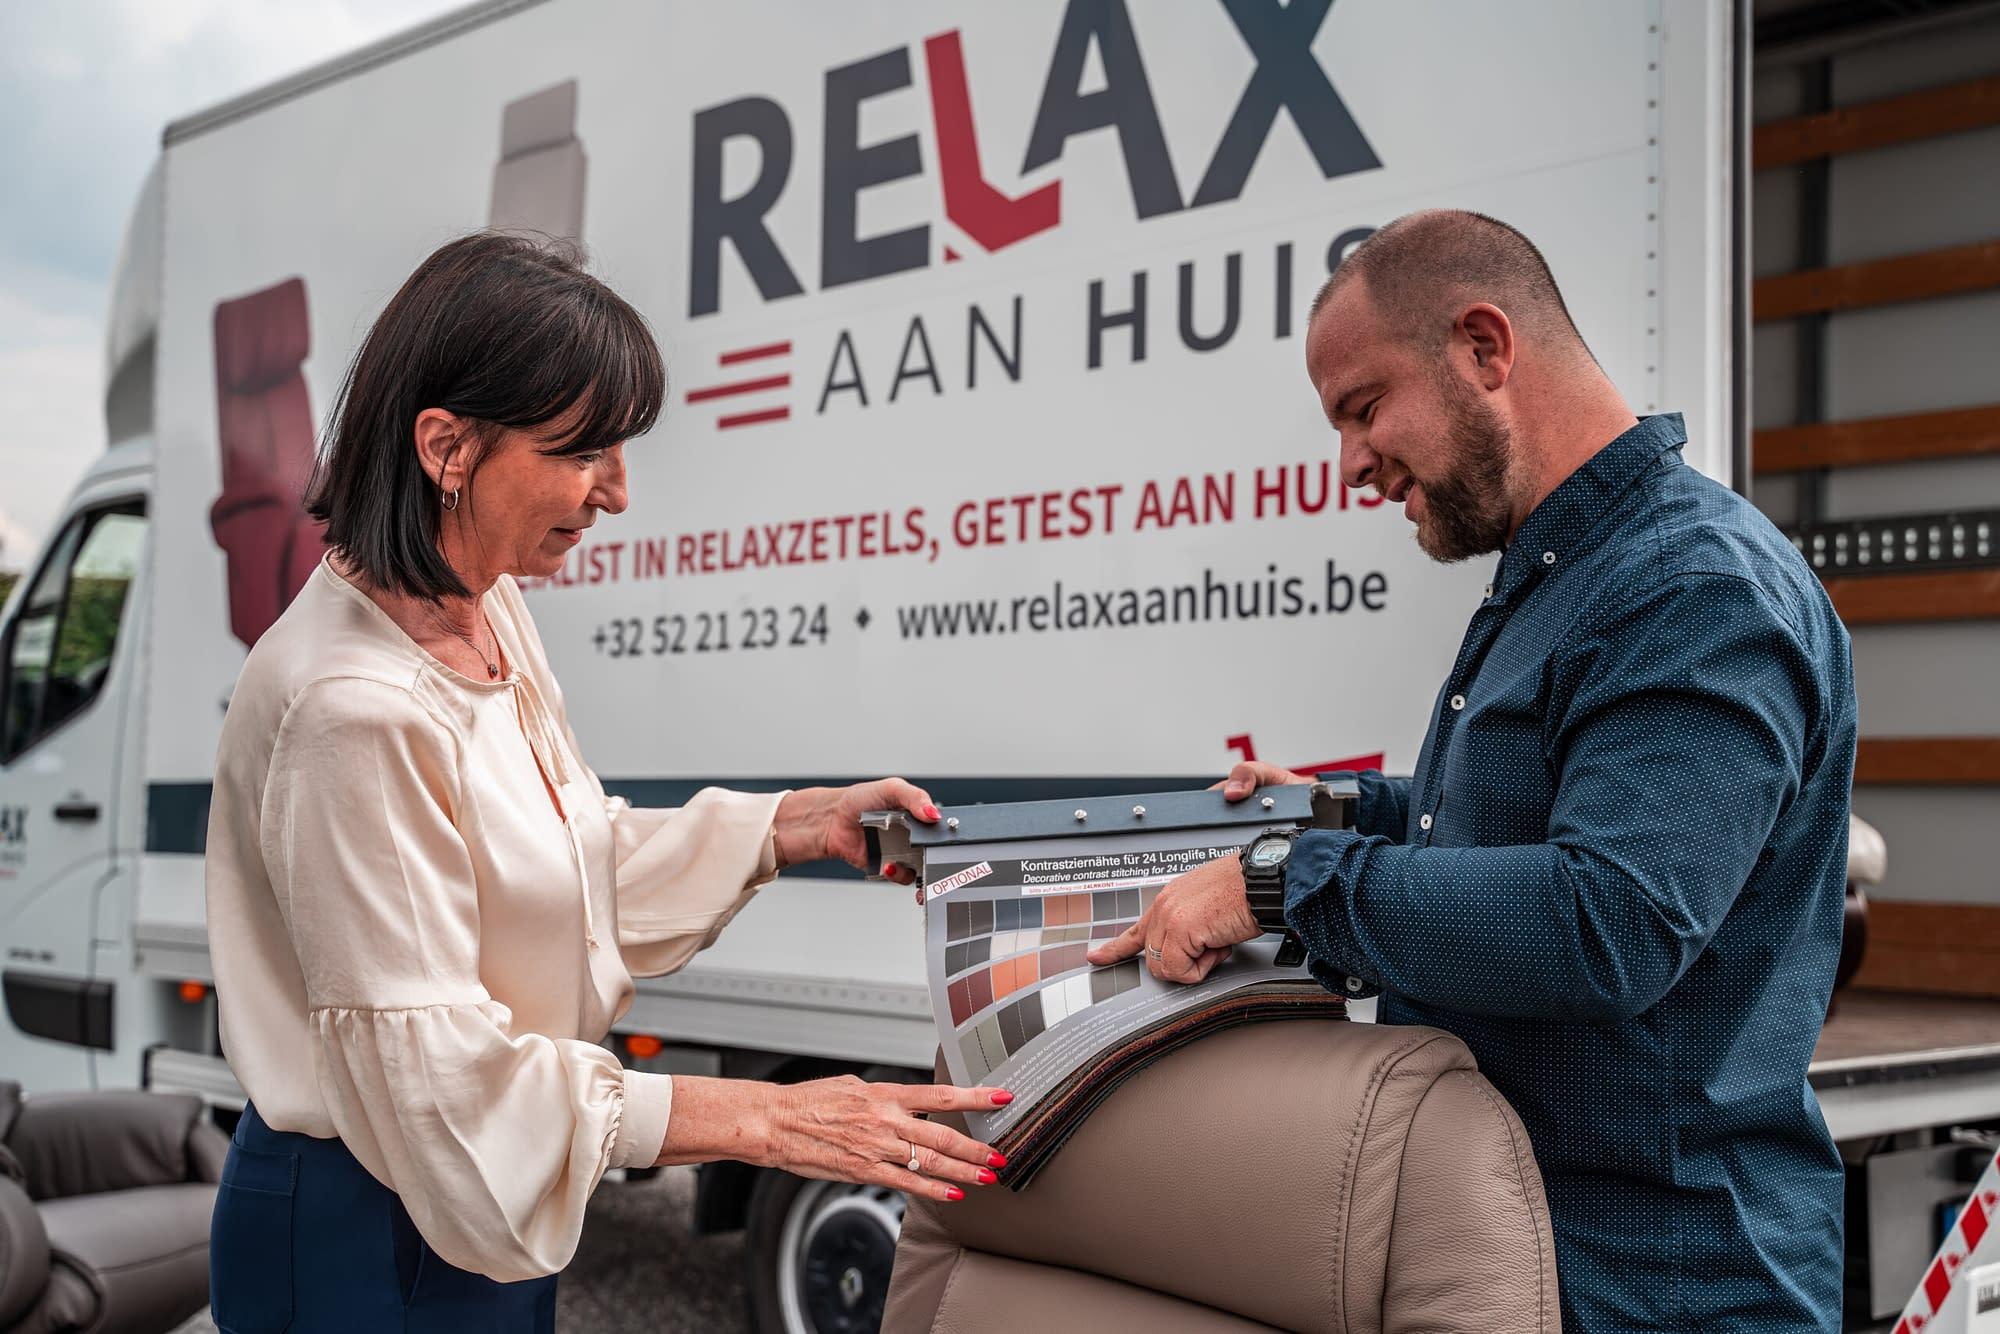 Test relaxzetels gratis aan huis